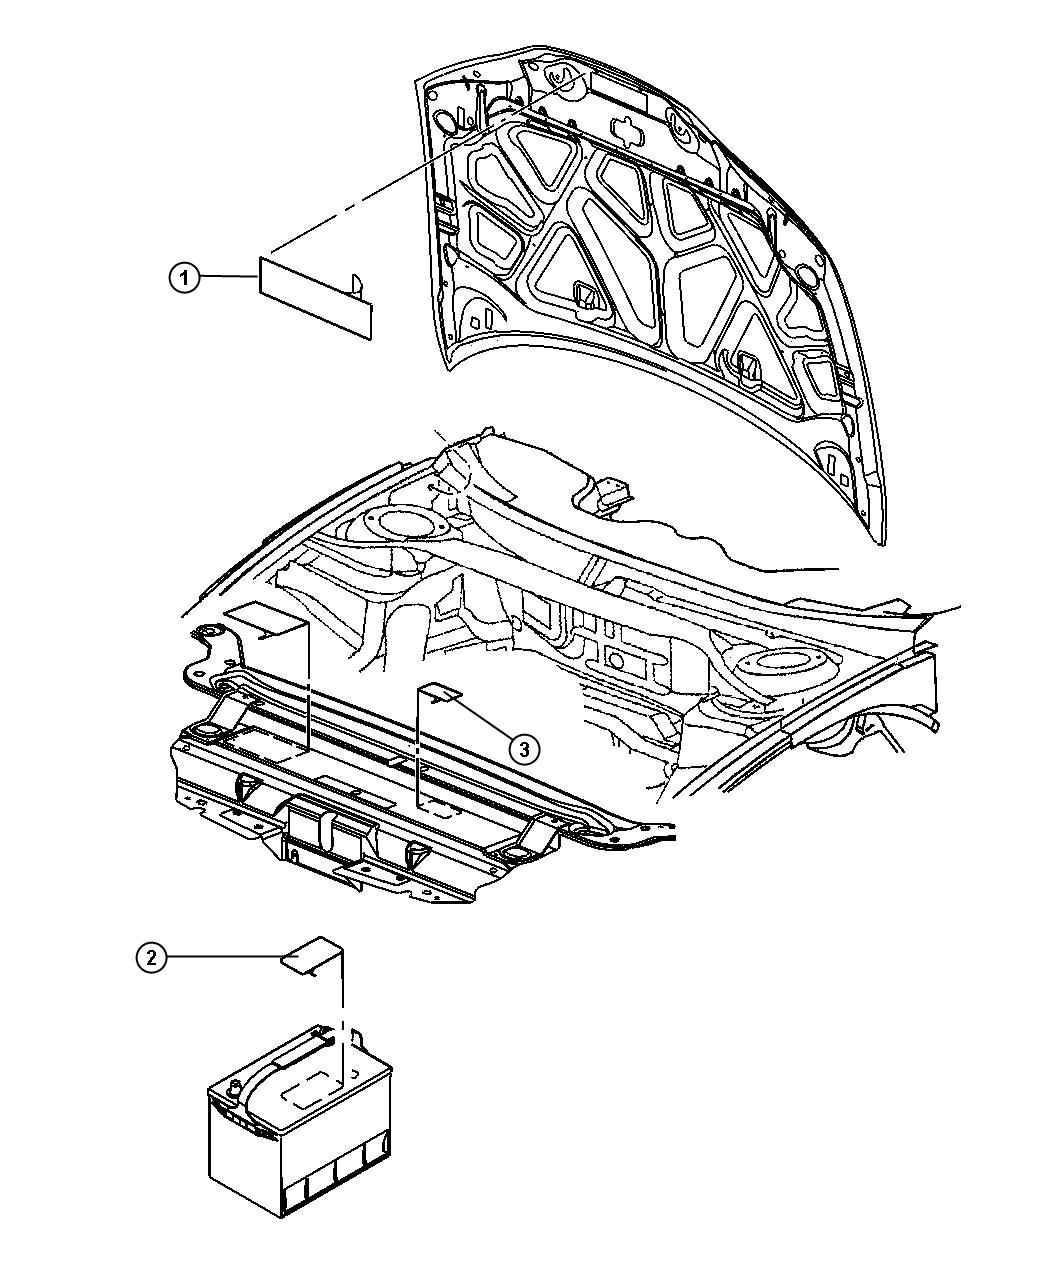 2010 Dodge Challenger Label. Veci label, vehicle emission